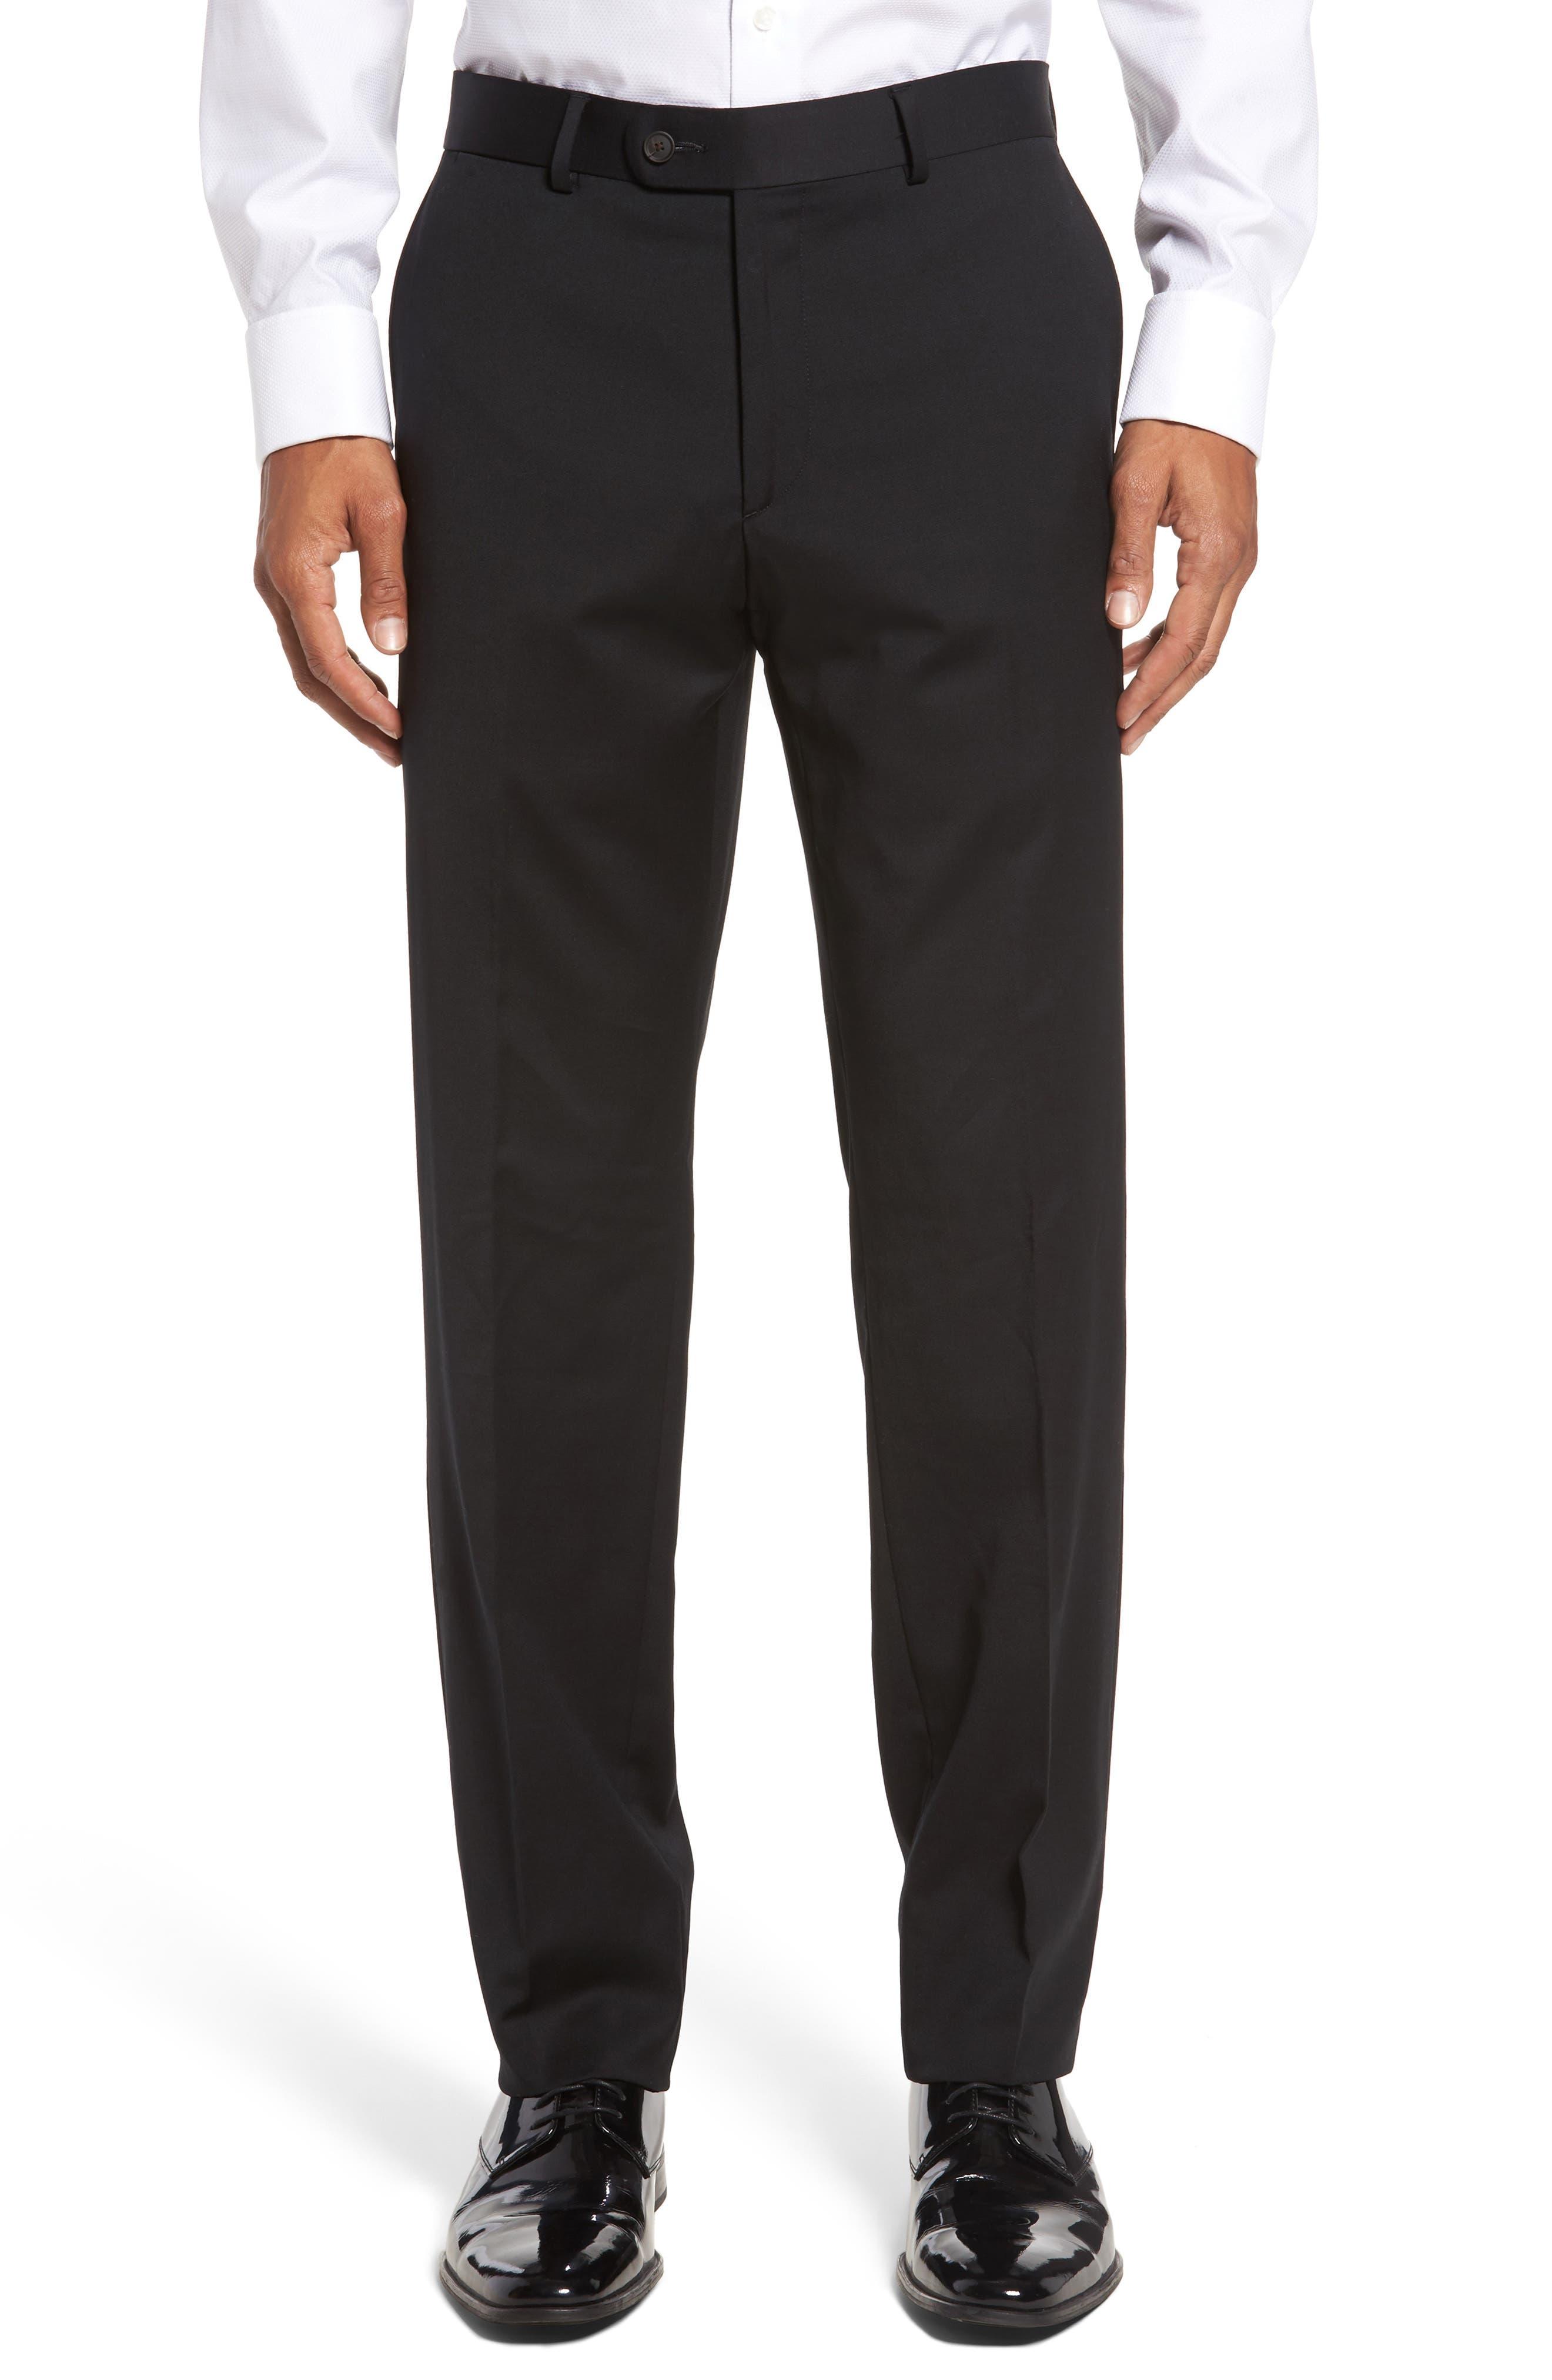 Keidis Aim Classic Fit Stretch Wool Suit,                             Alternate thumbnail 6, color,                             Black